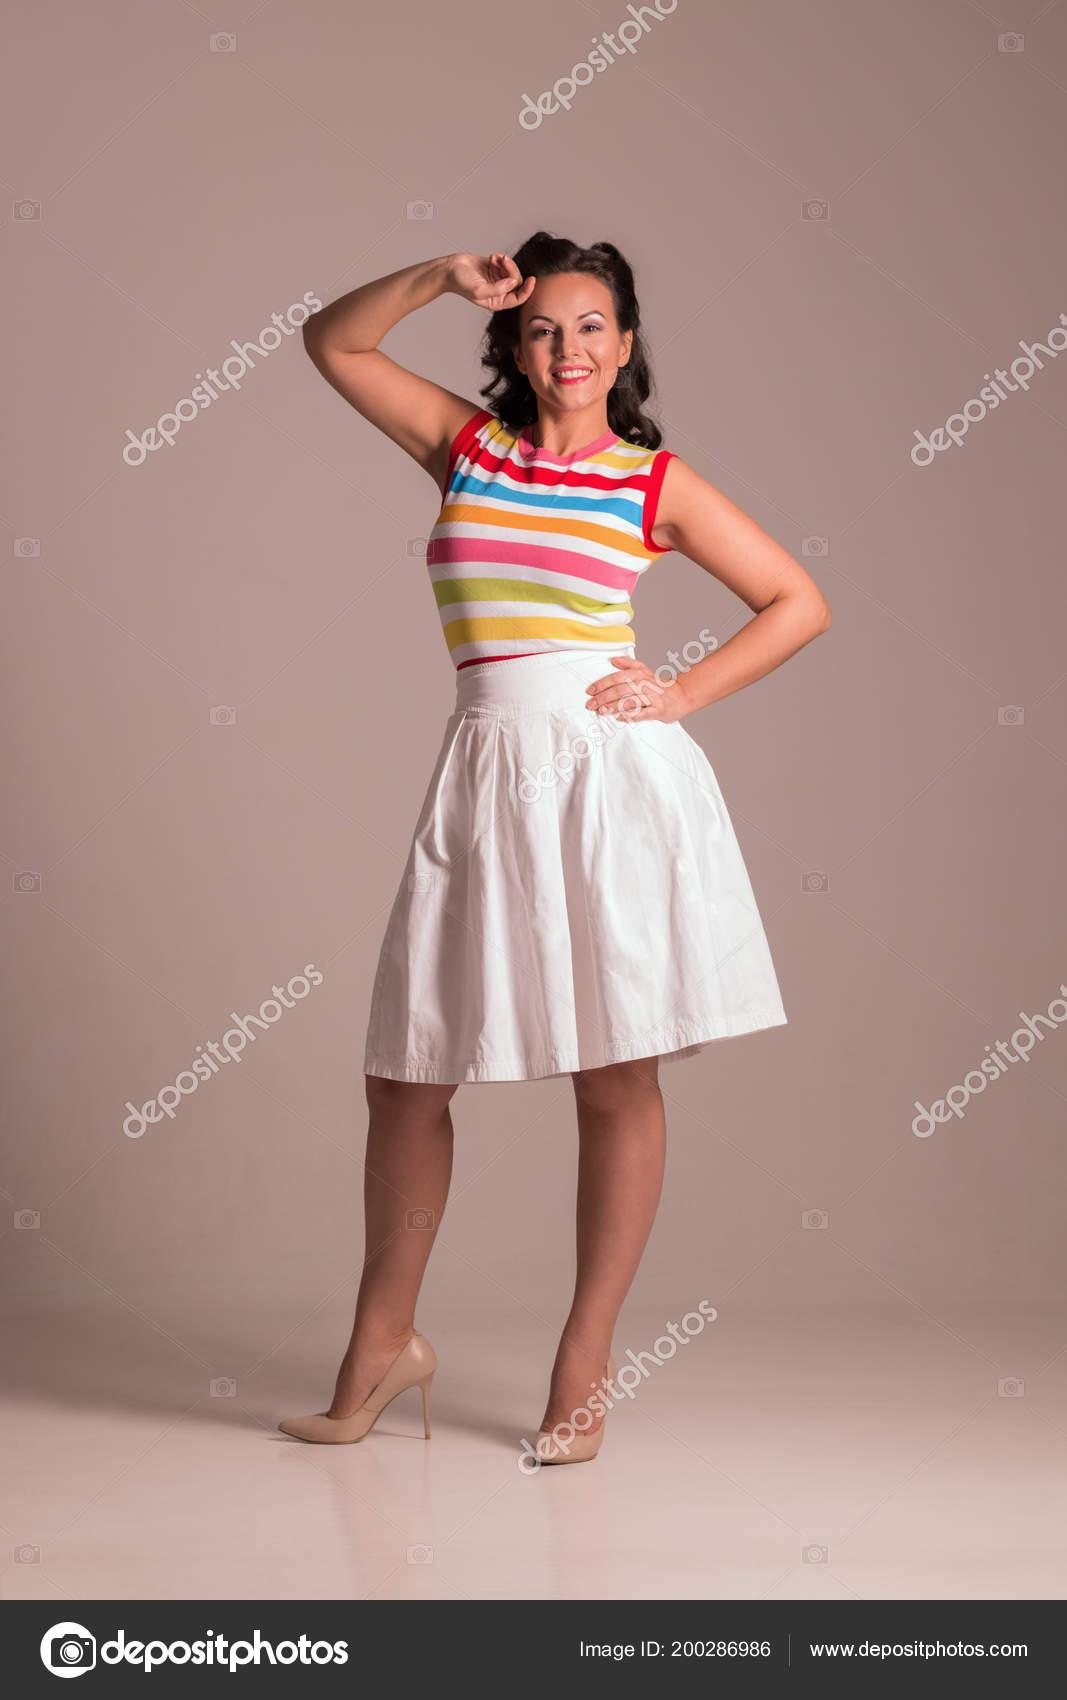 fb44c4745 Hermosa Mujer Falda Con Poses Peinado Estudio Gris Pin Estilo — Foto ...